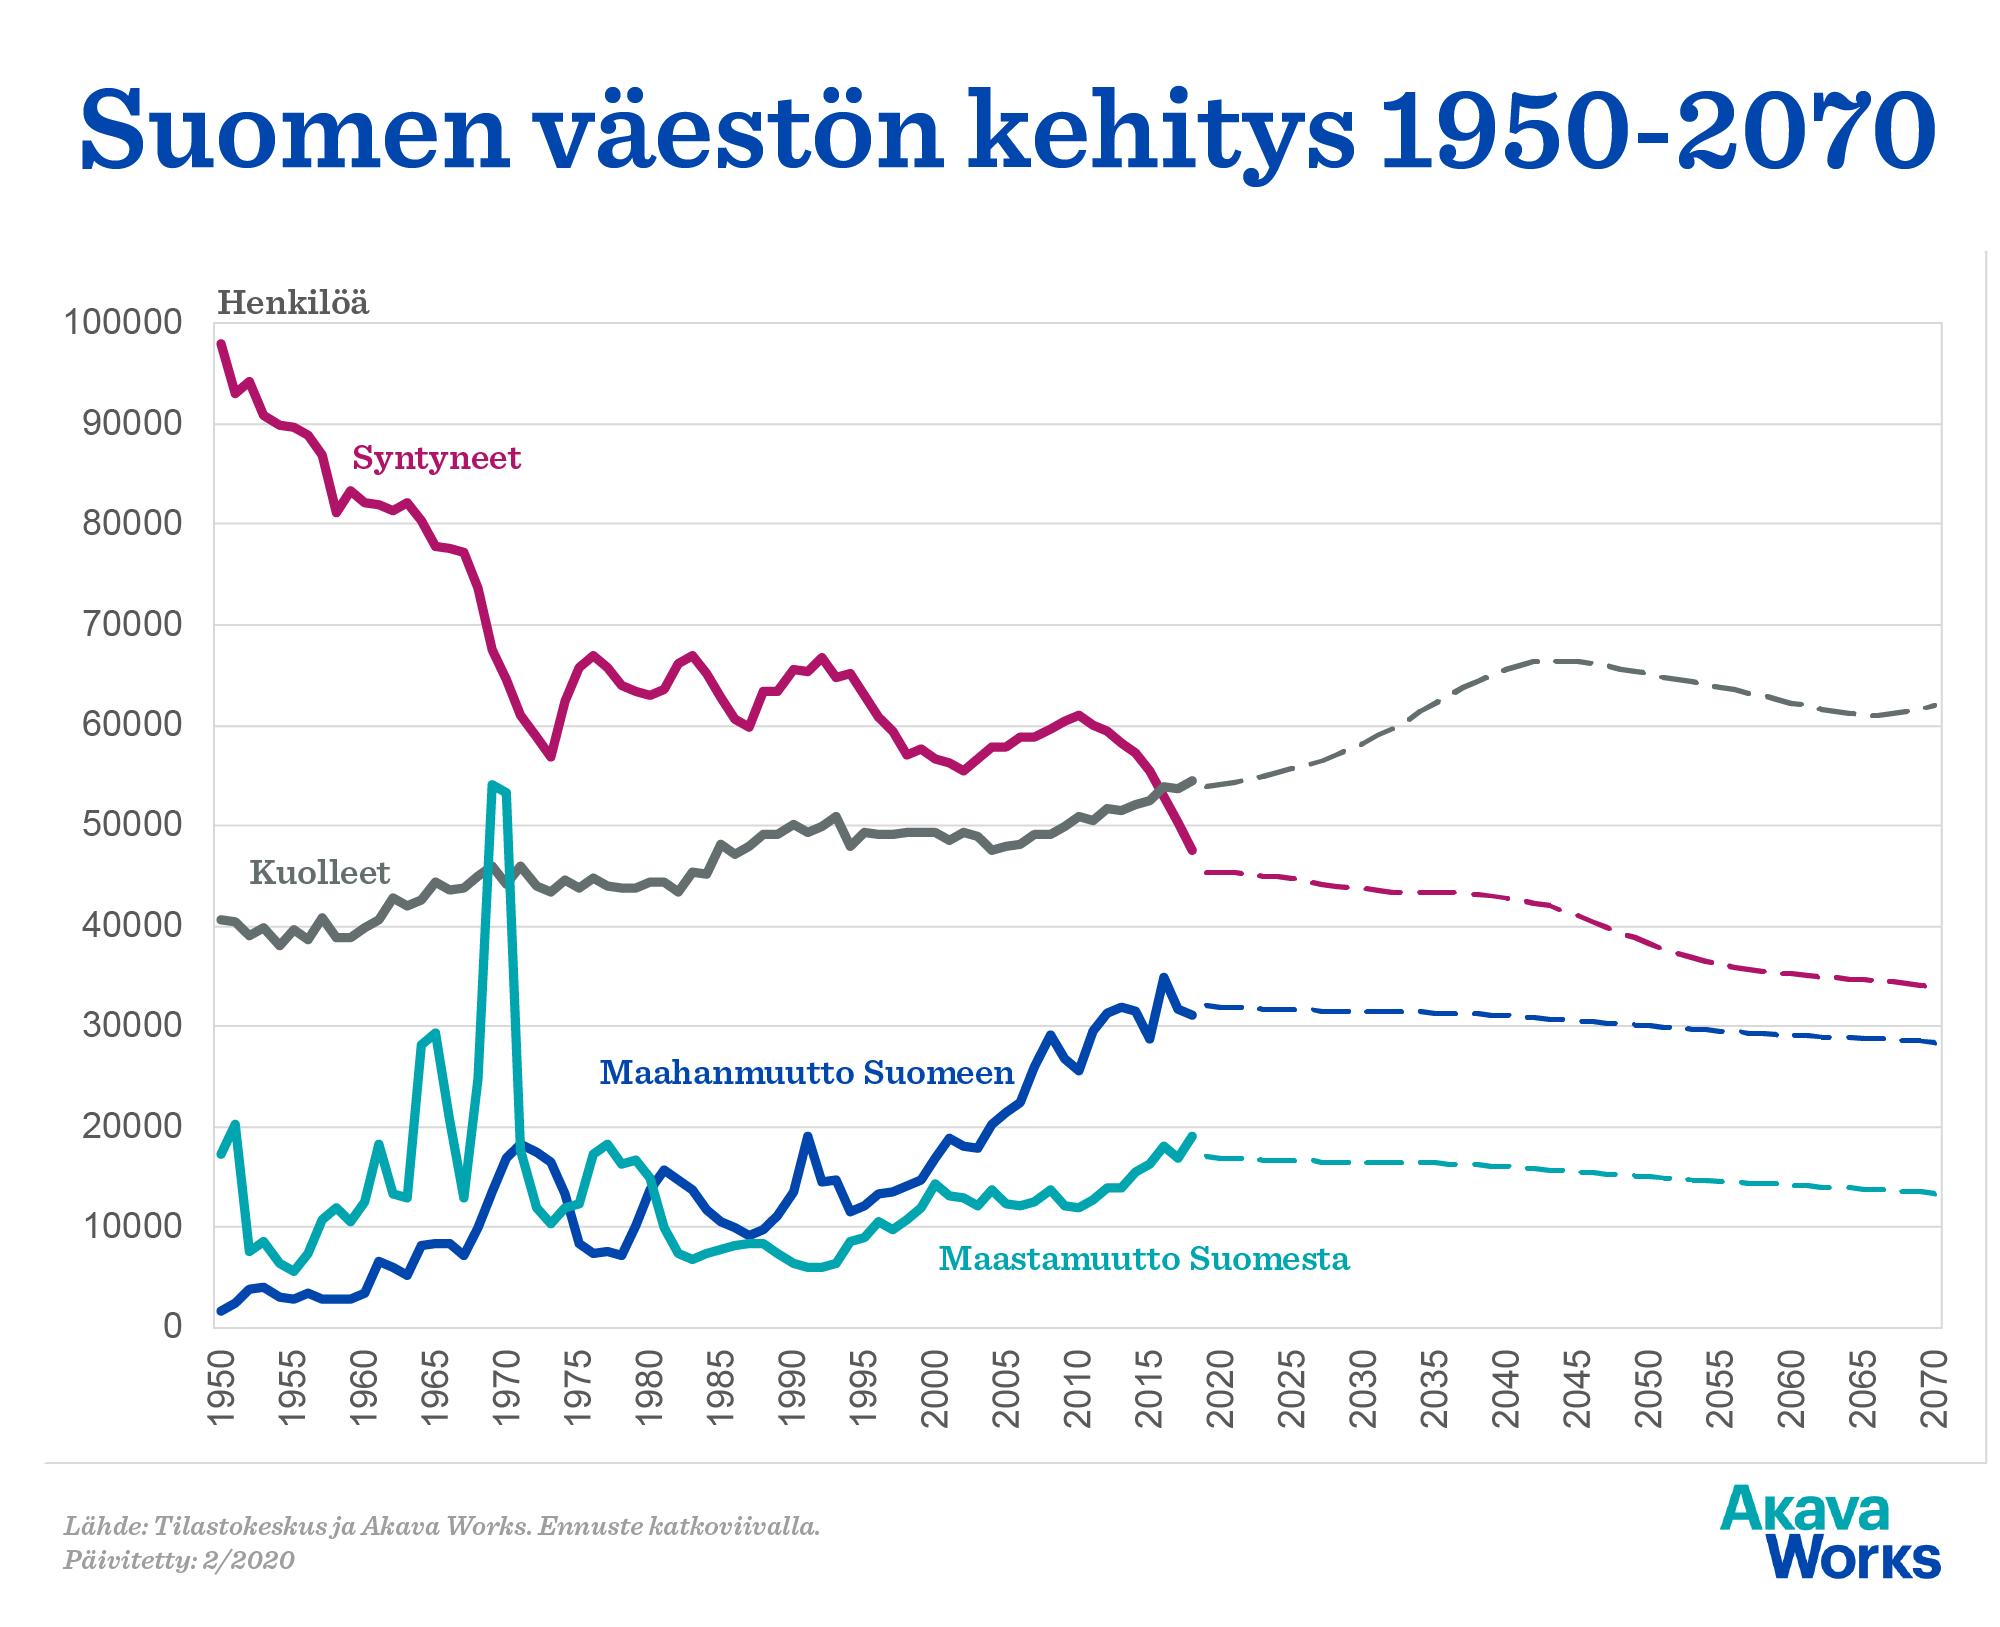 Suomen väestön kehitys 1950-2070. Ennuste katkoviivalla. Lähde: Akava Works ja Tilastokeskus. Päivitetty 2/2020.